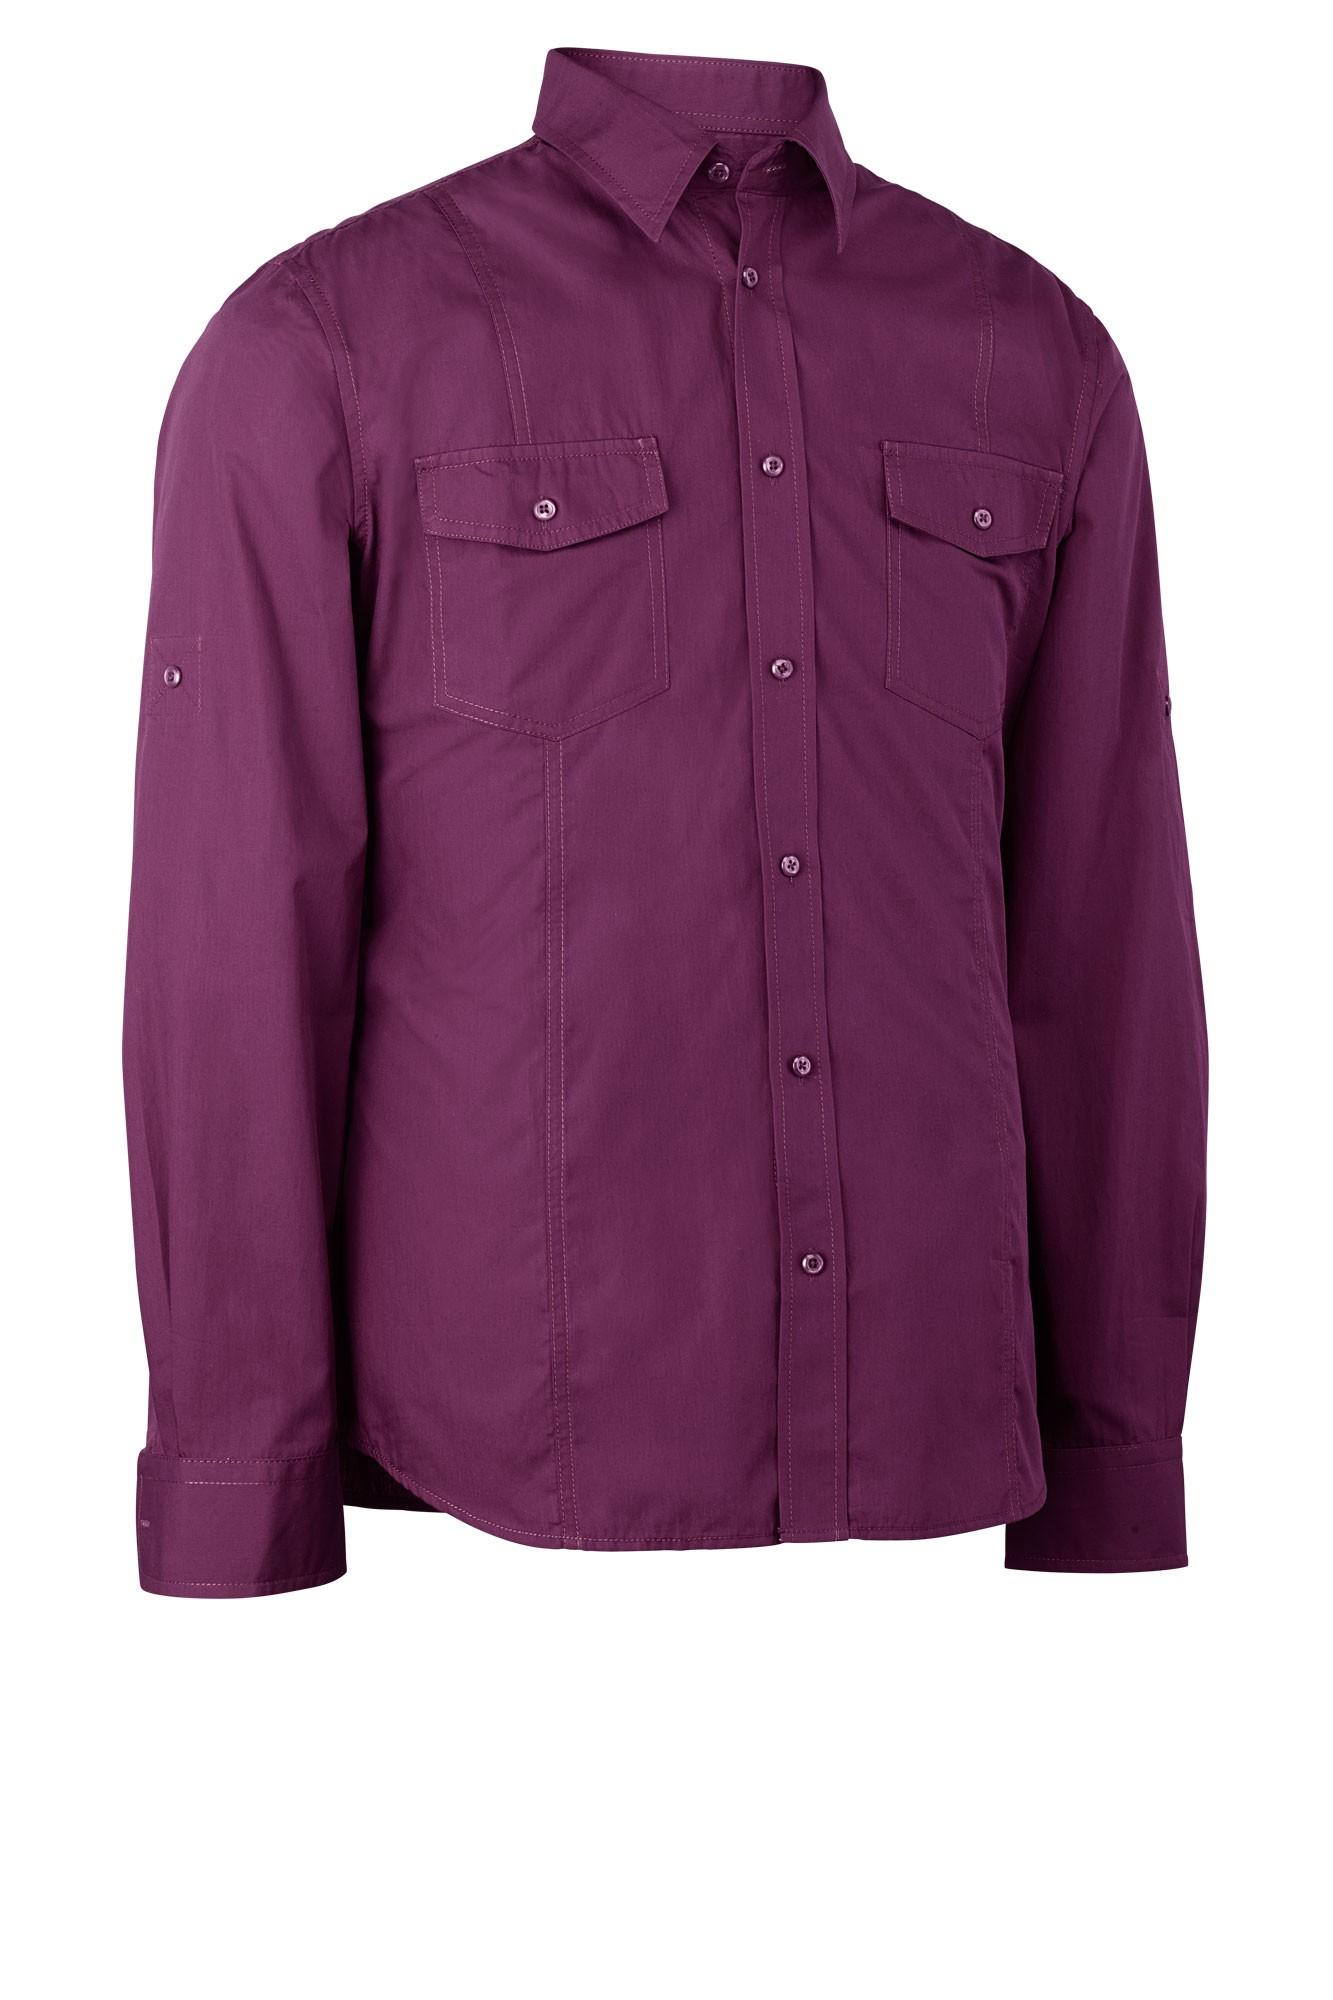 Pánská košile Jules - švestková/dlouhý rukáv